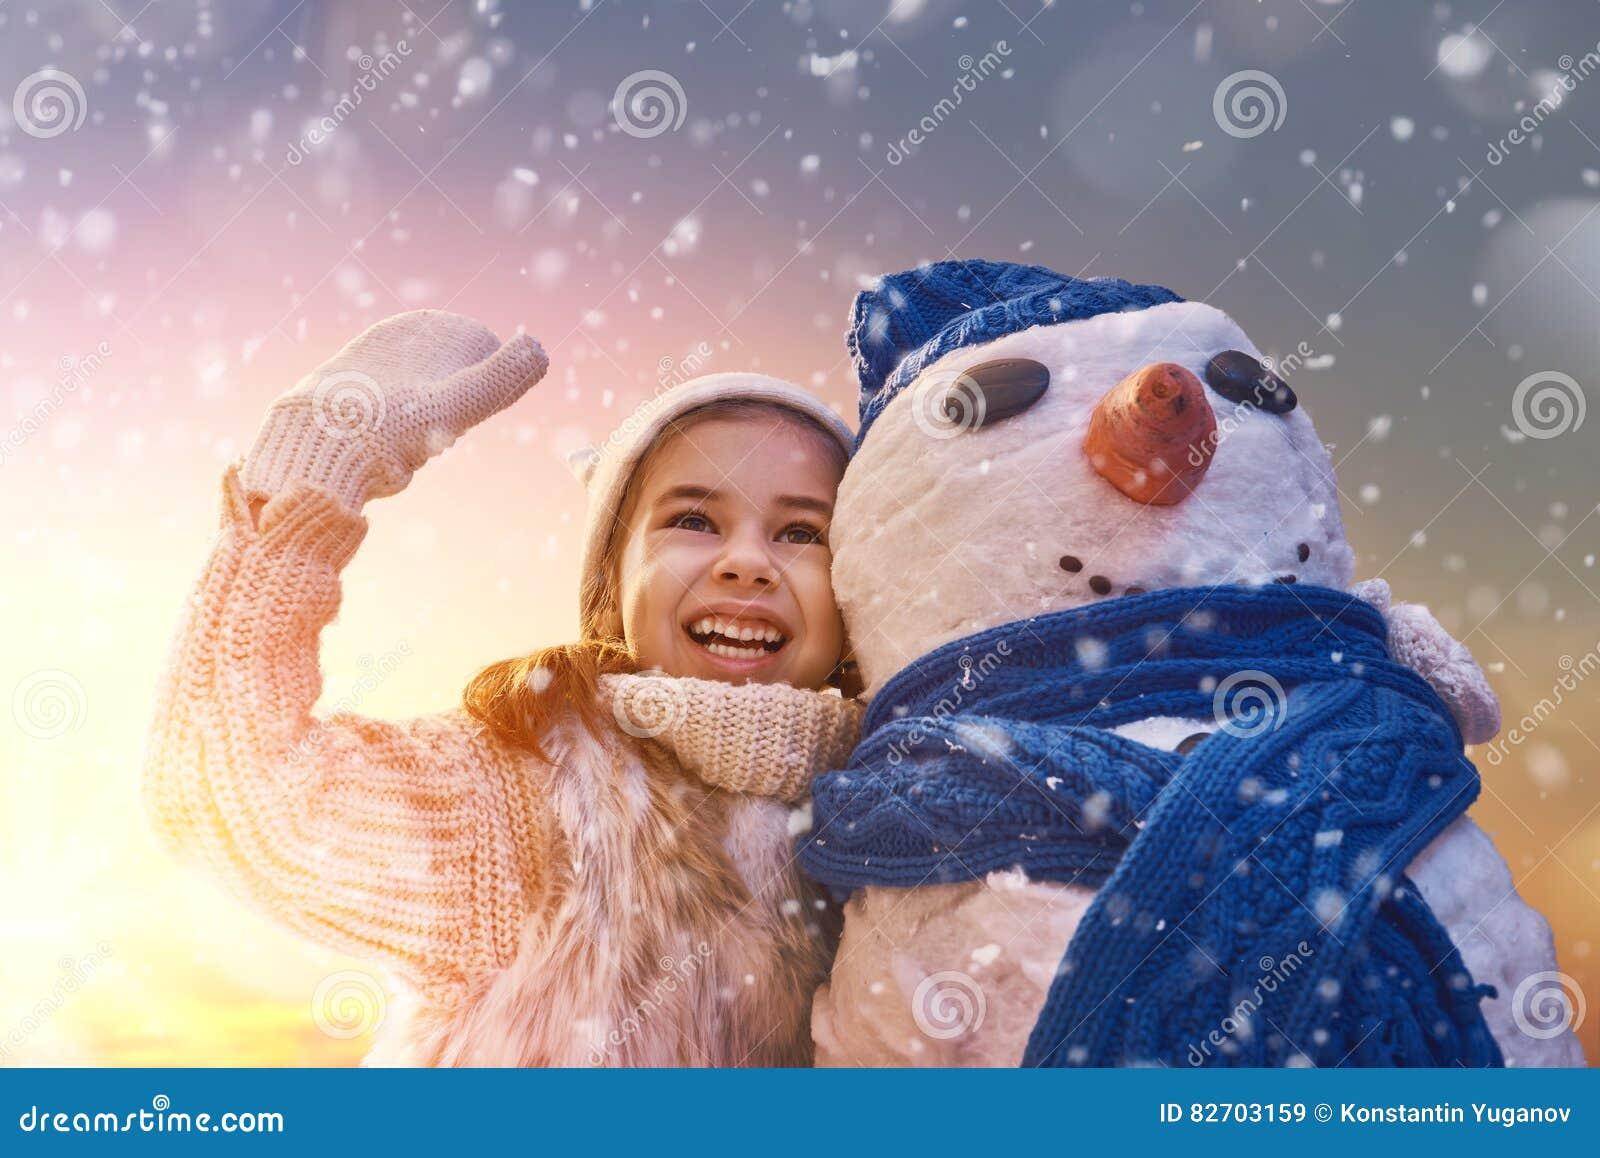 Fille jouant avec un bonhomme de neige image stock image du joie fille 82703159 - Bonhomme fille ...